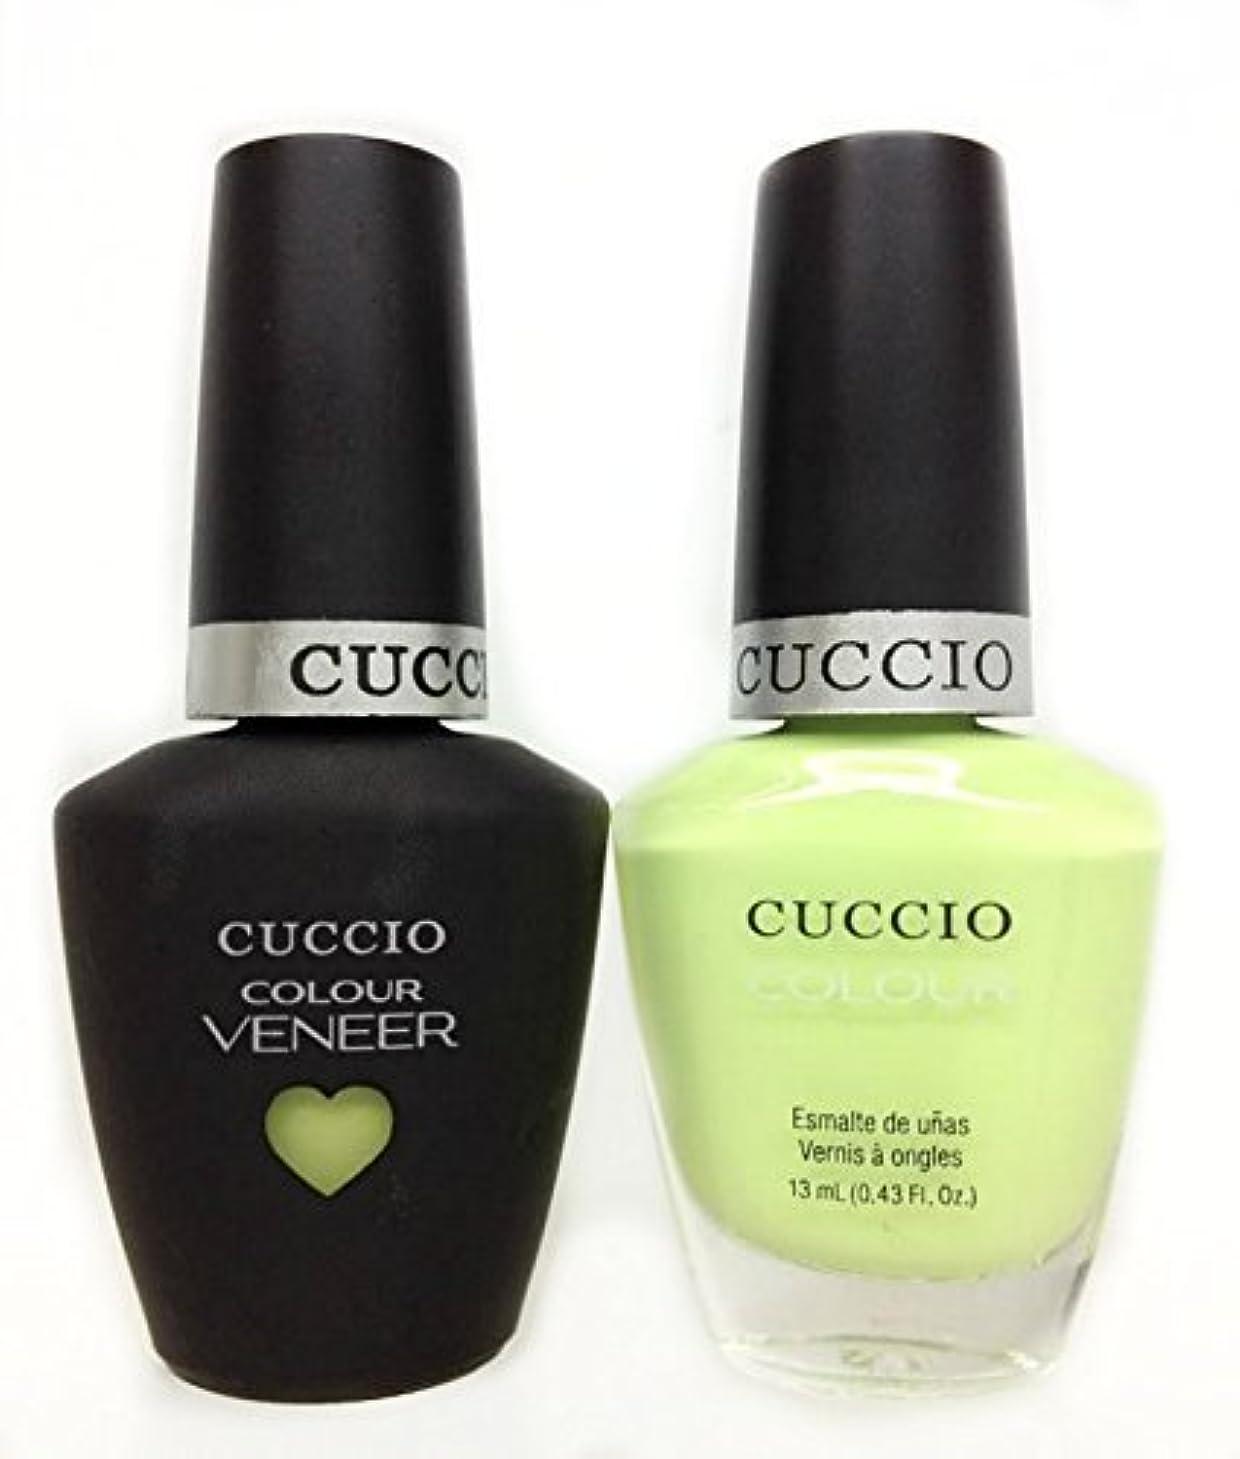 削る保証する縫い目Cuccio MatchMakers Veneer & Lacquer - In the Key of Lime - 0.43oz / 13ml Each